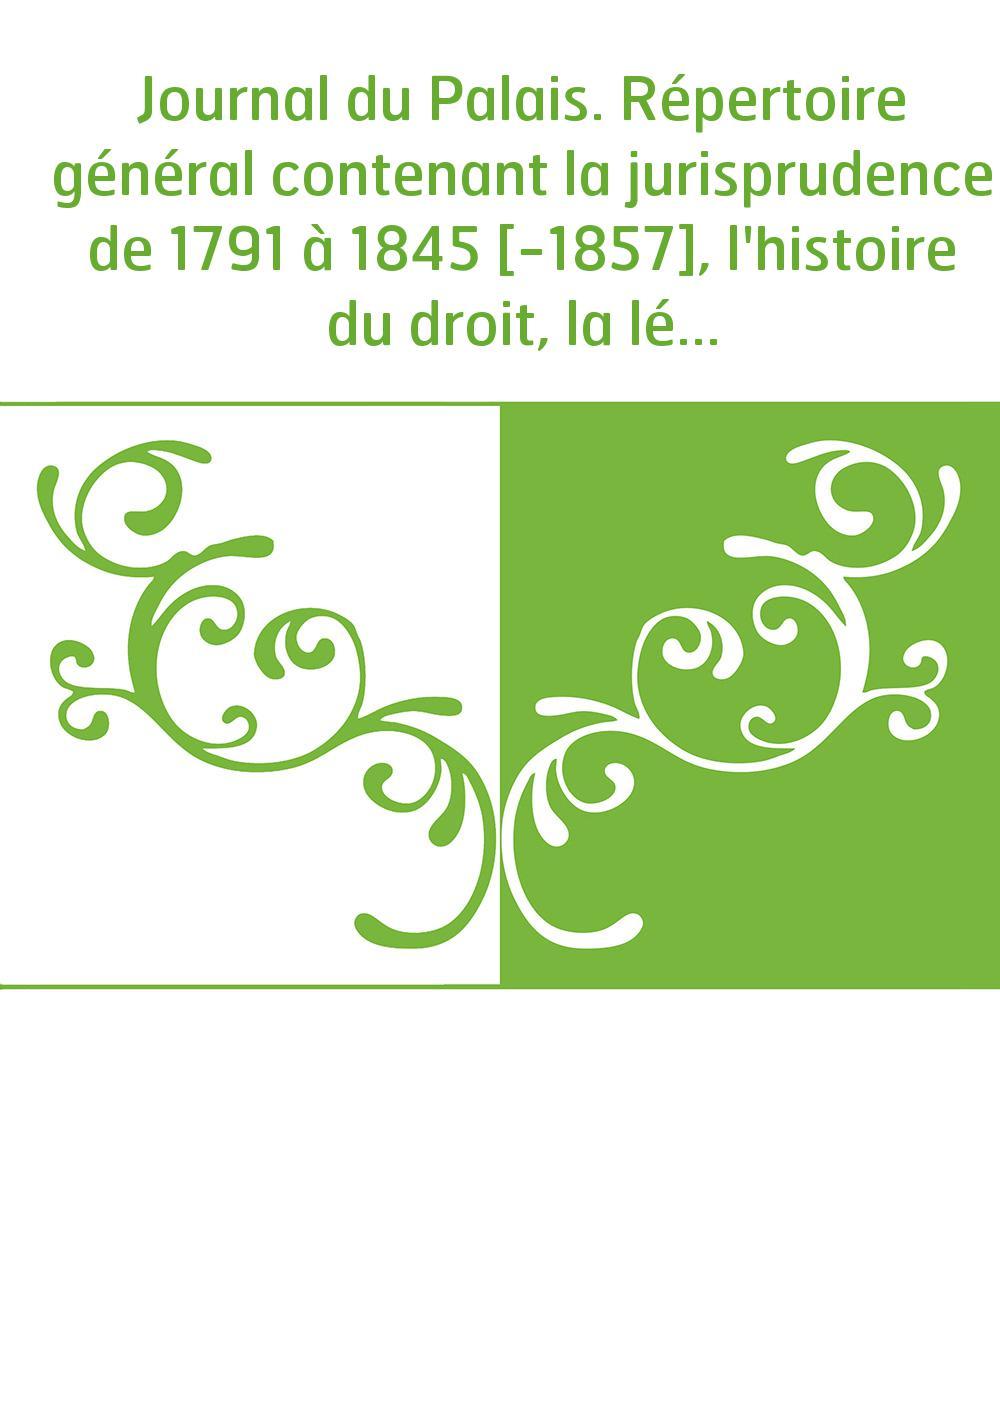 Journal du Palais. Répertoire général contenant la jurisprudence de 1791 à 1845 [-1857], l'histoire du droit, la législation et